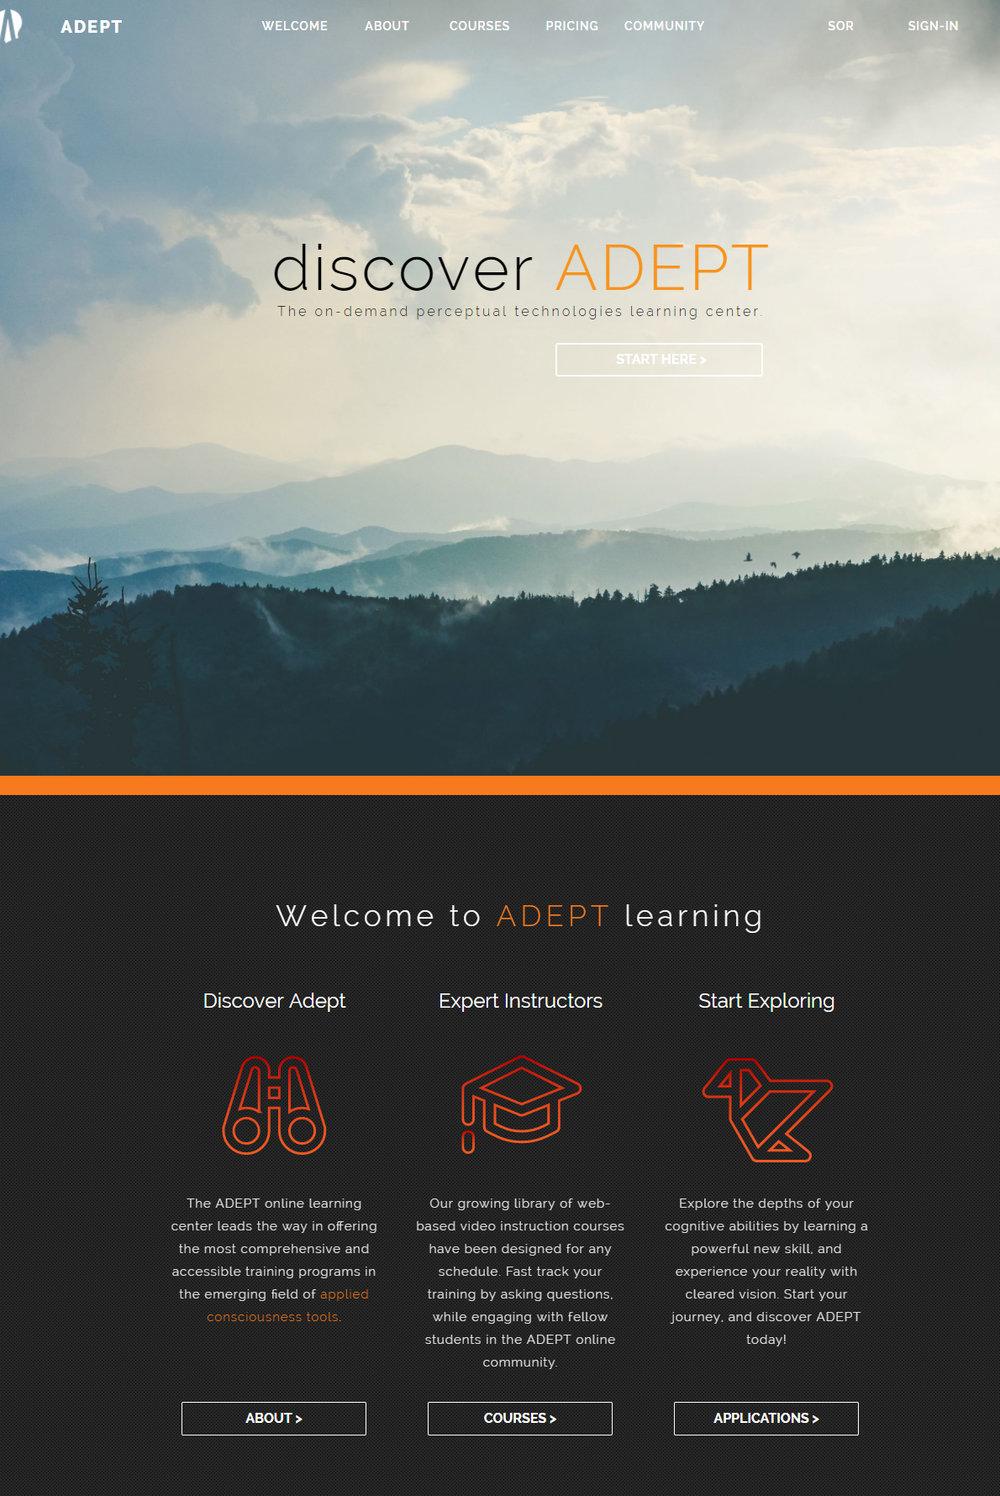 adept-website.jpg